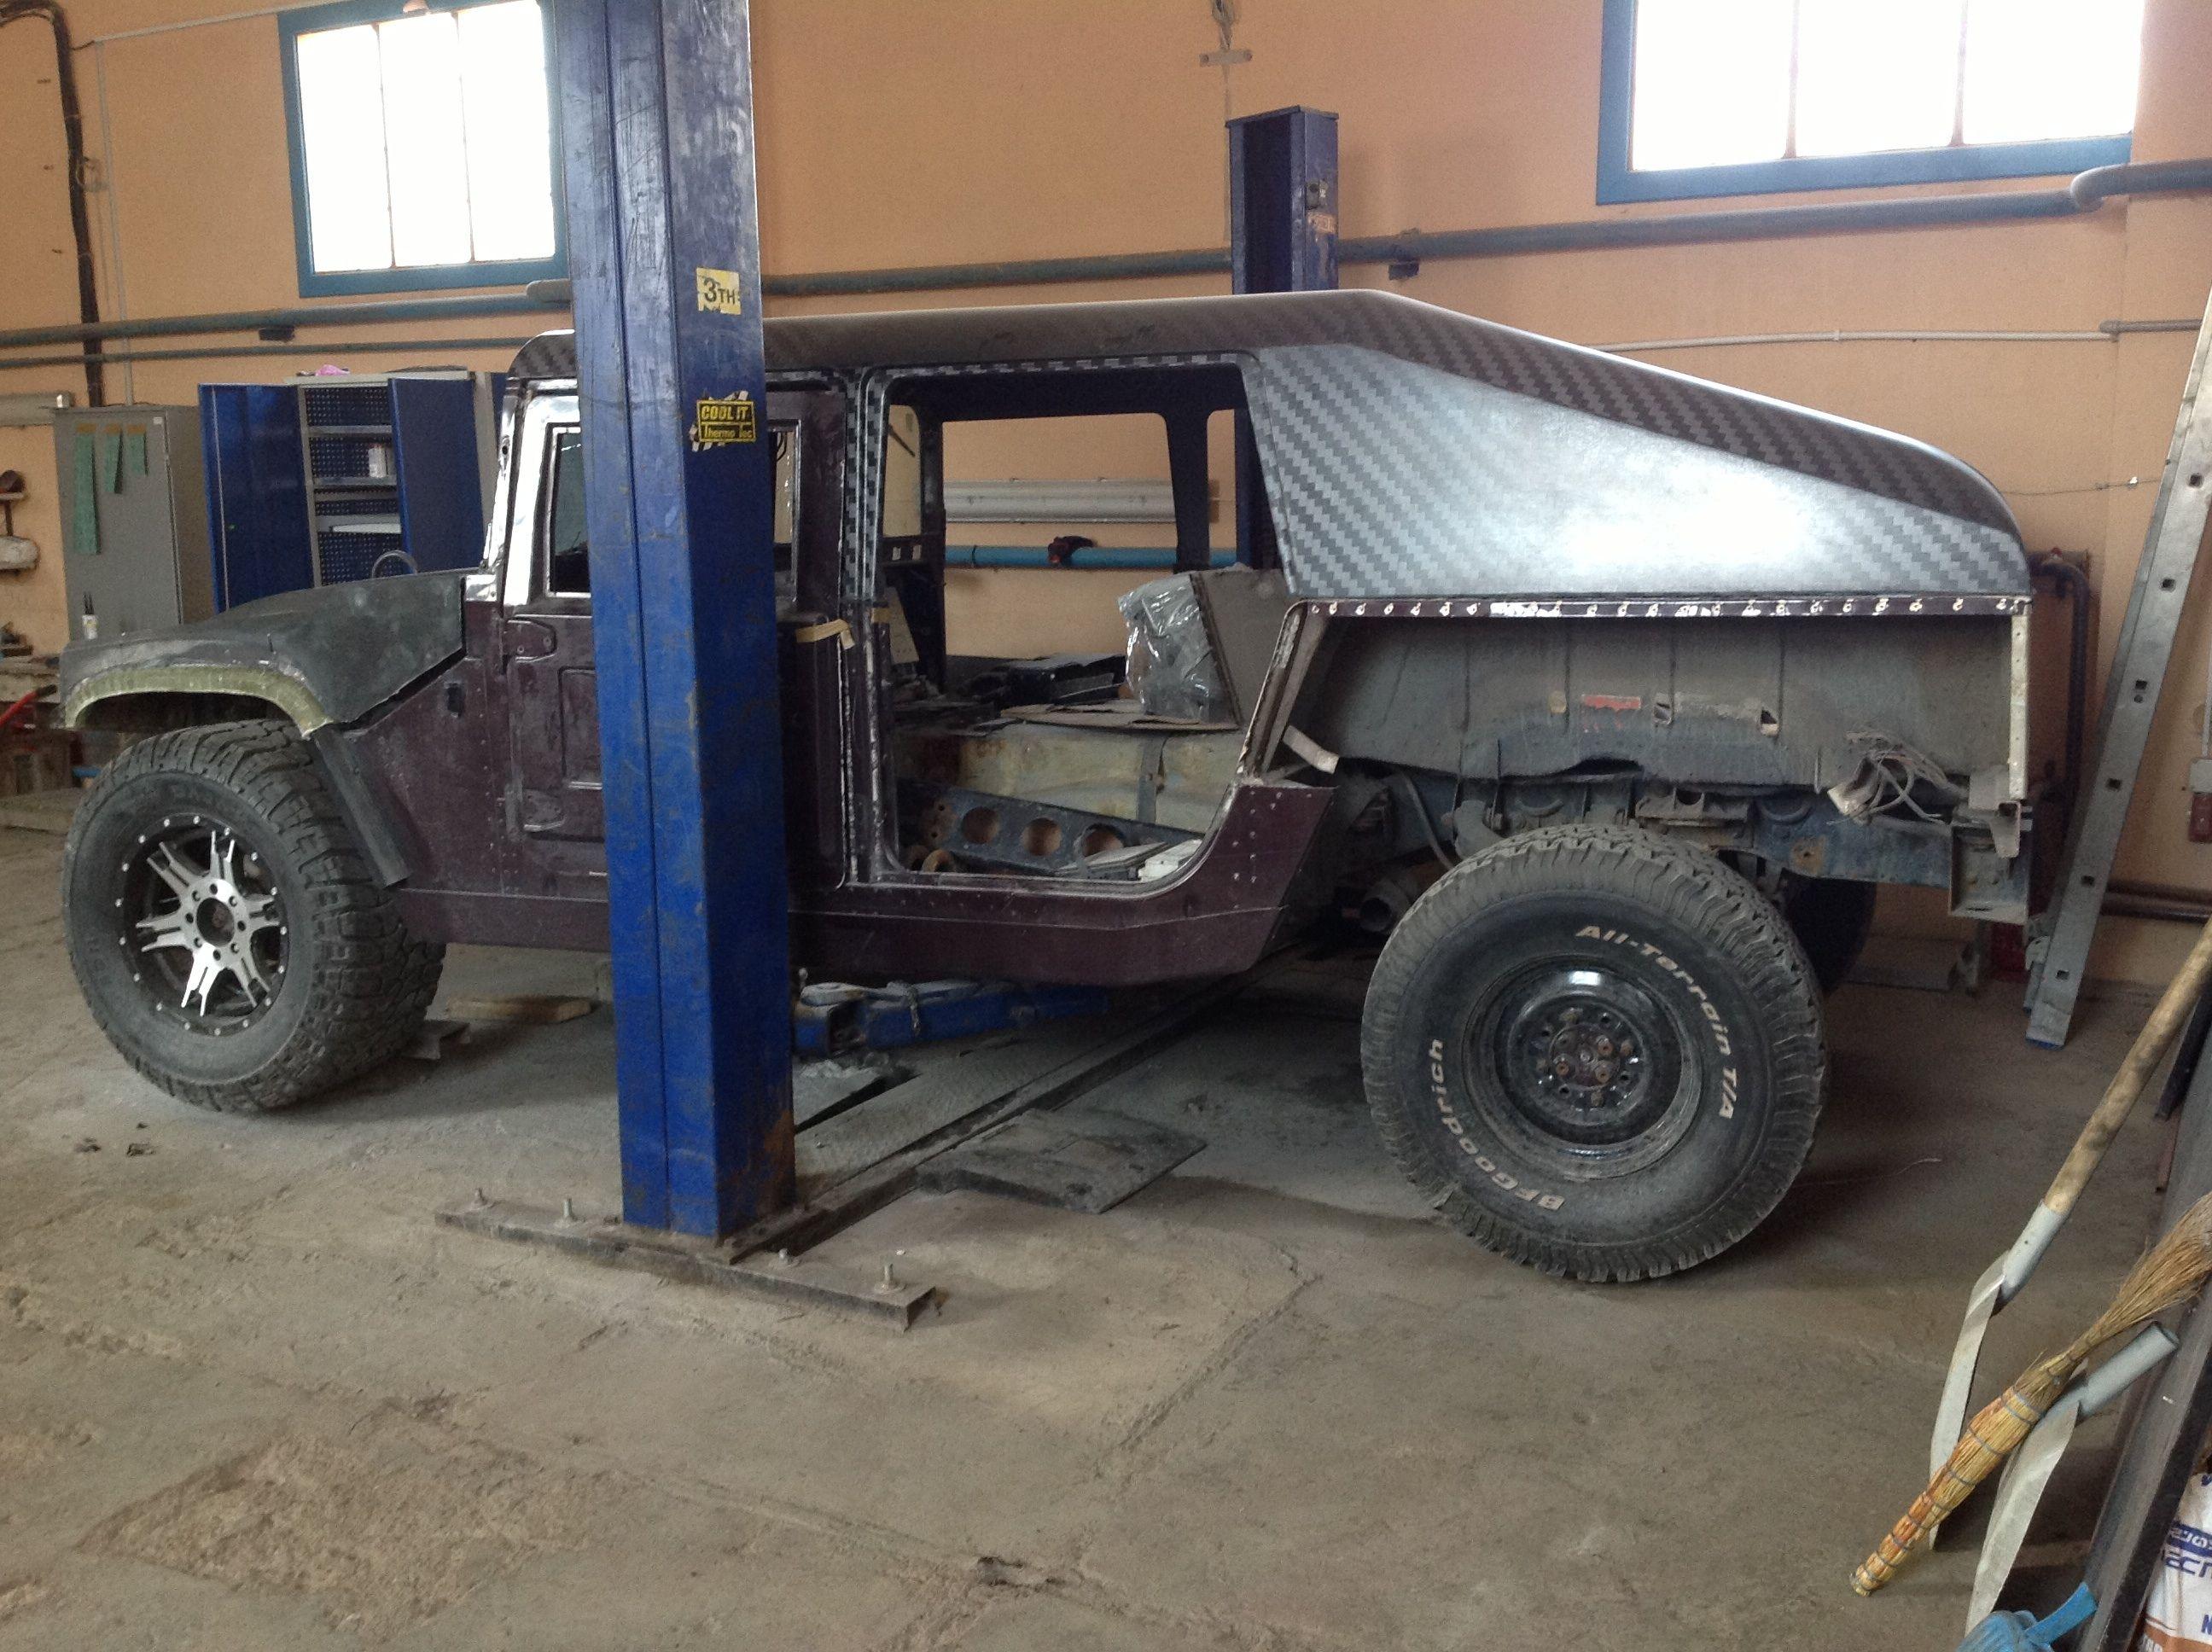 carbon fiber slantback wow hummer h1 and hmmwv or humvee hummer h1 carbon fiber tfr jeeps motorcycle vehicles